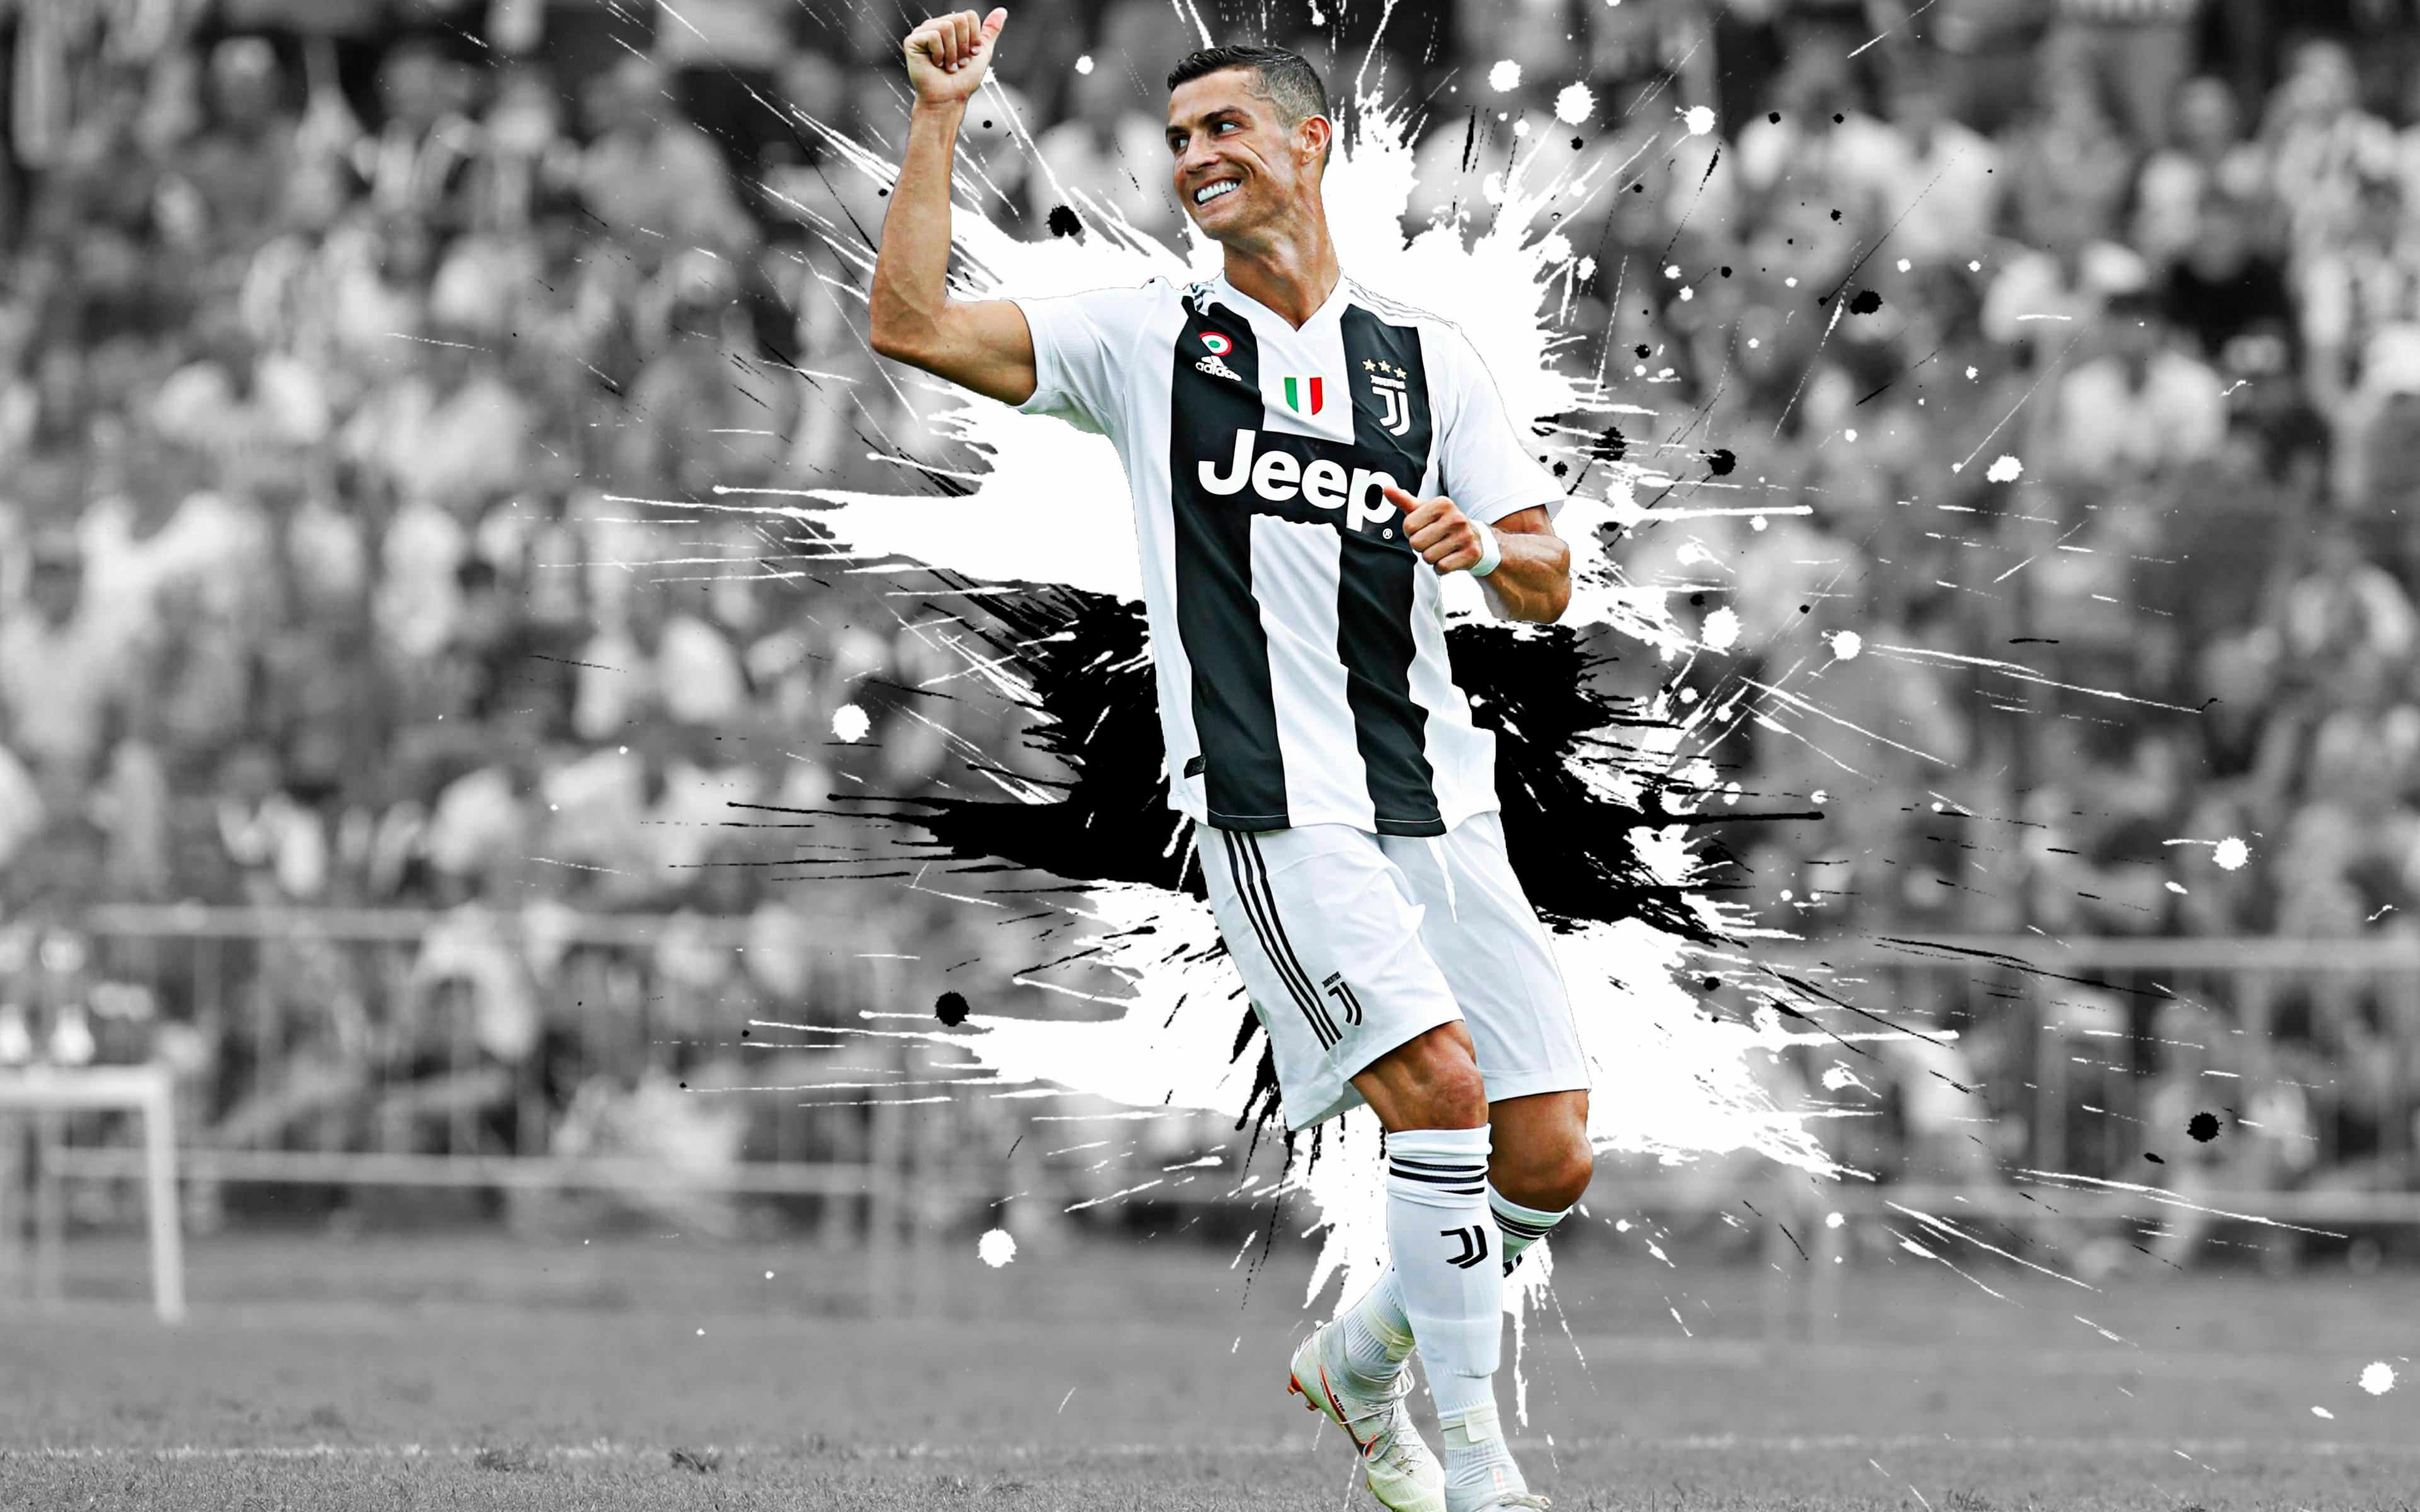 Cristiano Ronaldo dos Santos Aveiro 4k Ultra HD Wallpaper 3840x2400